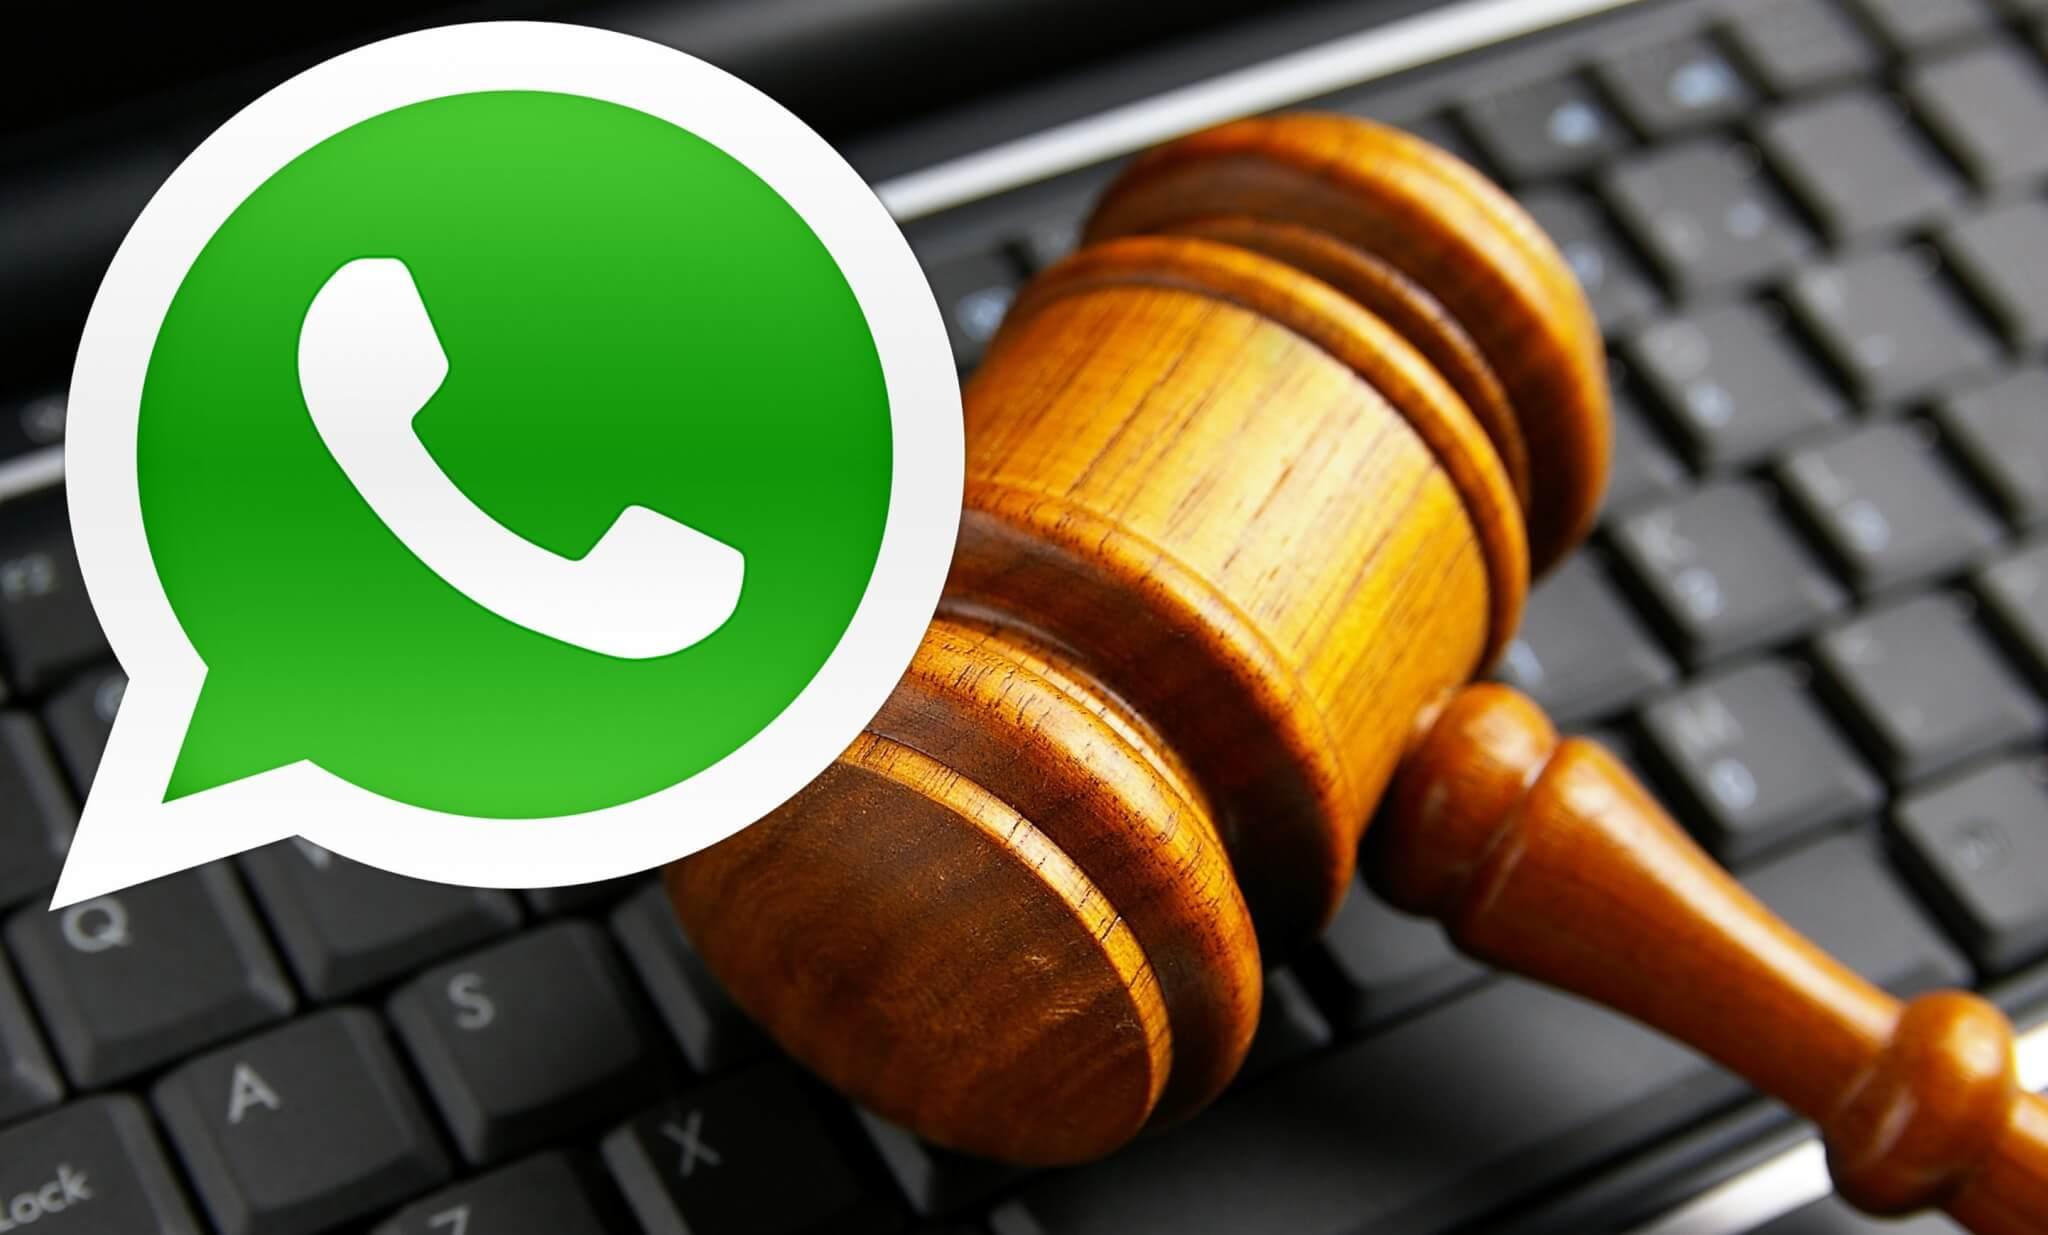 5 001 - Juiz pede a suspensão do WhatsApp em todo Brasil